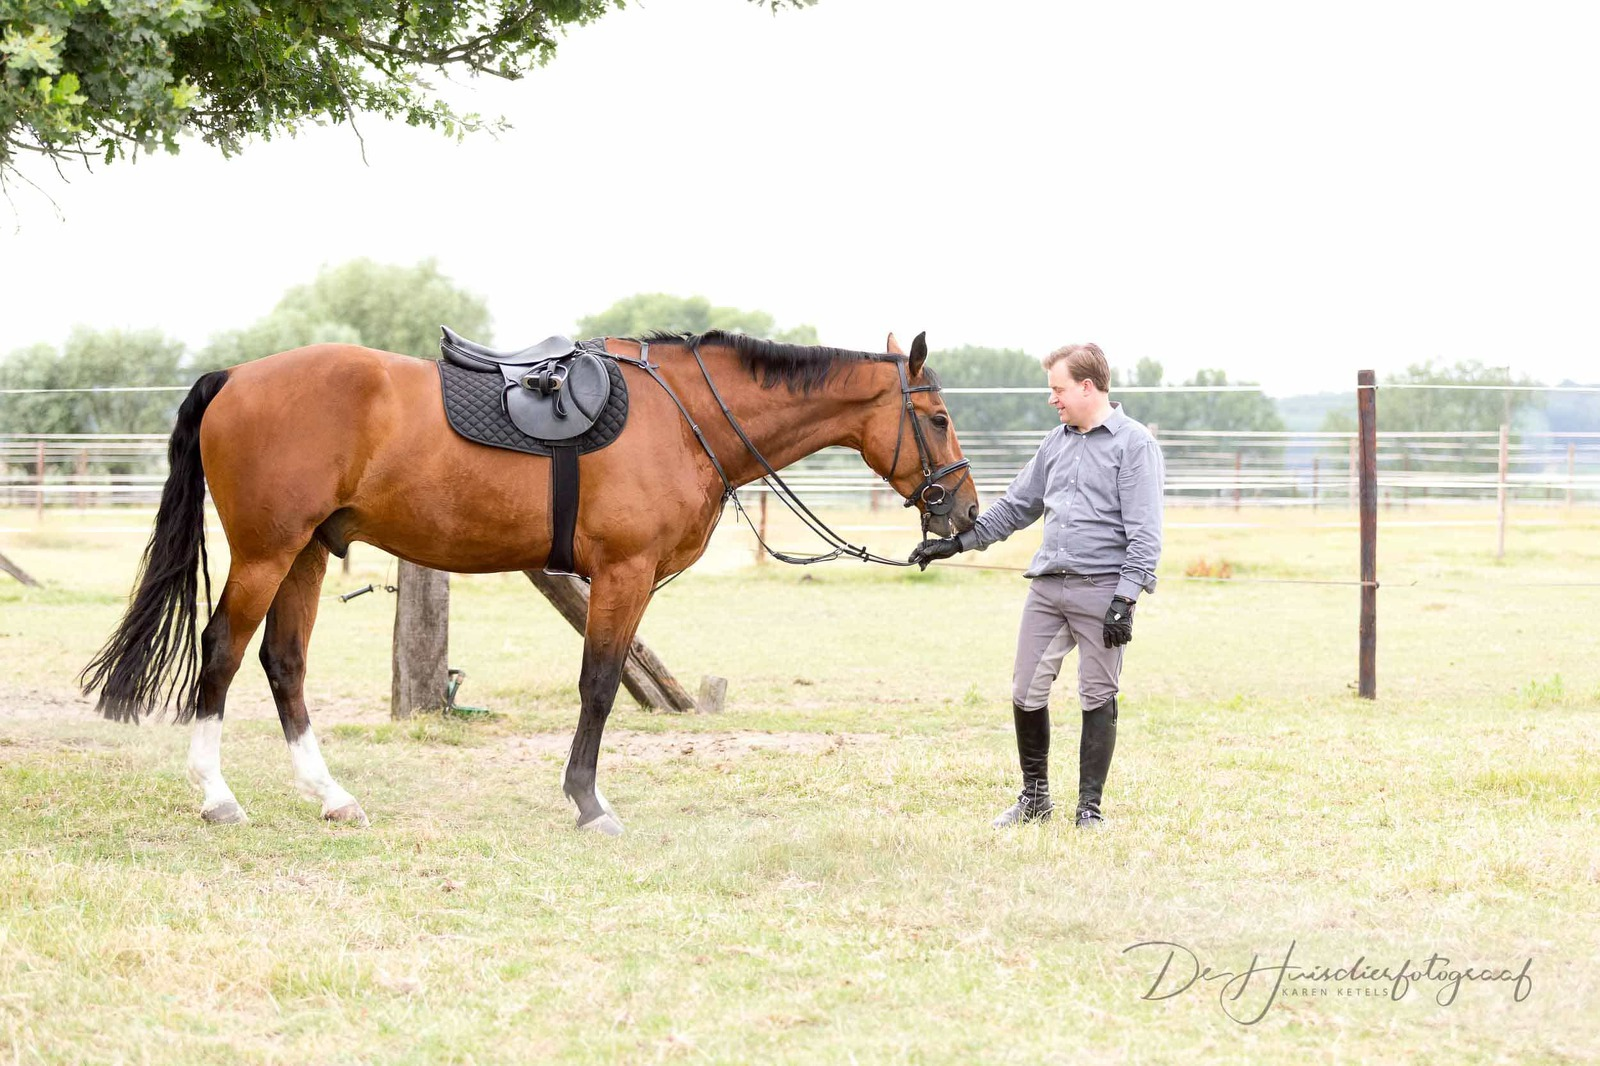 Gezadeld paard groet zijn baasje in de weide. Portret door De Huisdierfotograaf